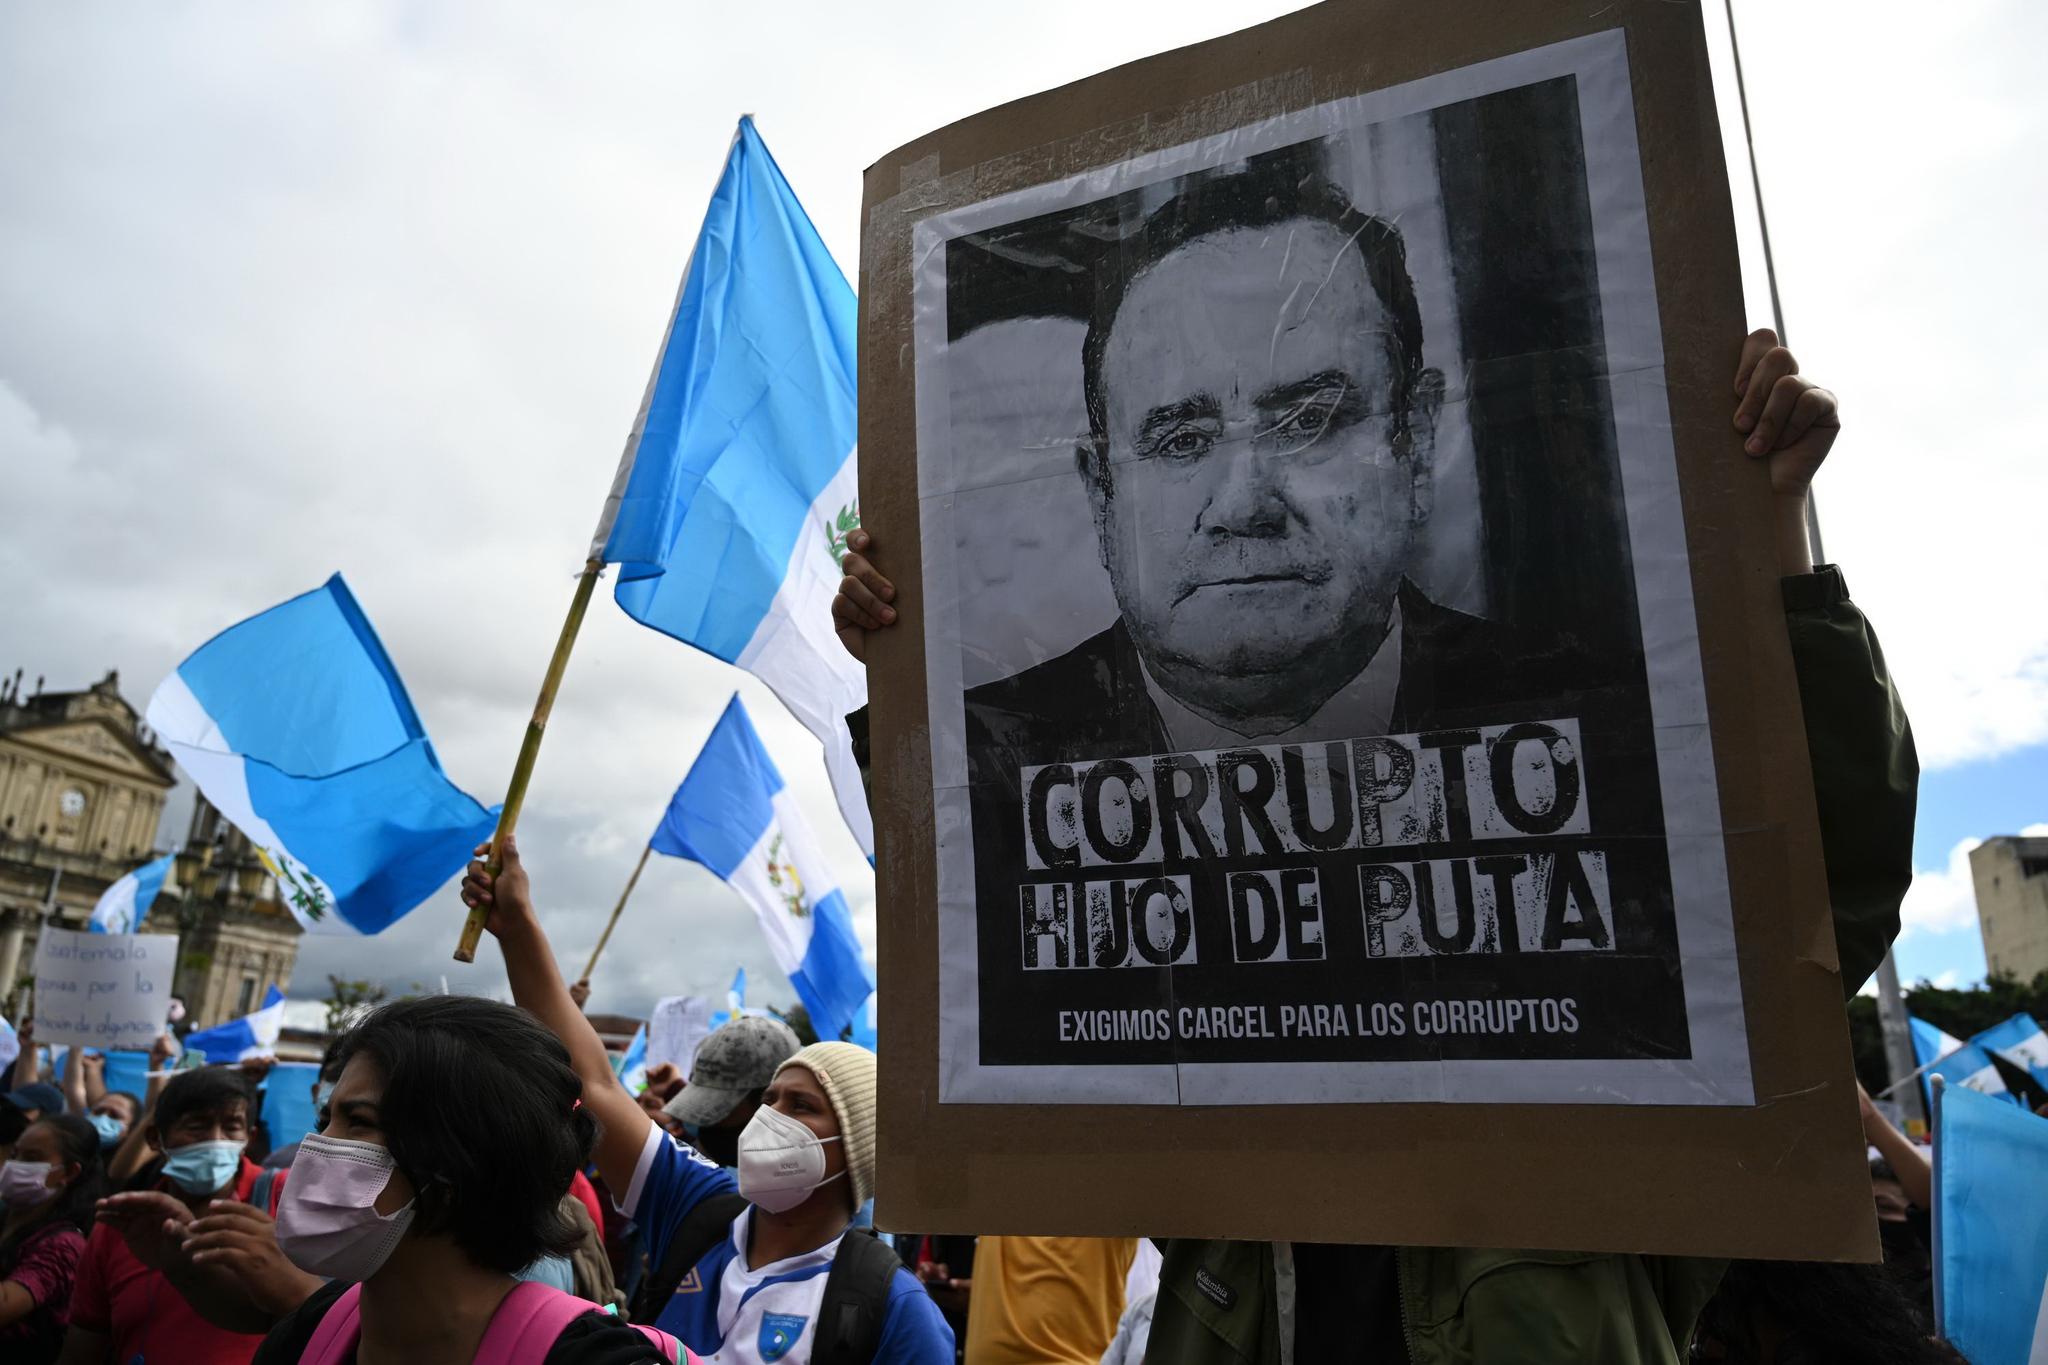 시위대가 21 (현지 시간) 국회 의사당 앞 헌법 광장에 모여 '부패한', '호모', '부패한 사람을 투옥하라'는 플래 카드를 들고 시위를하고있다. AFP 통신